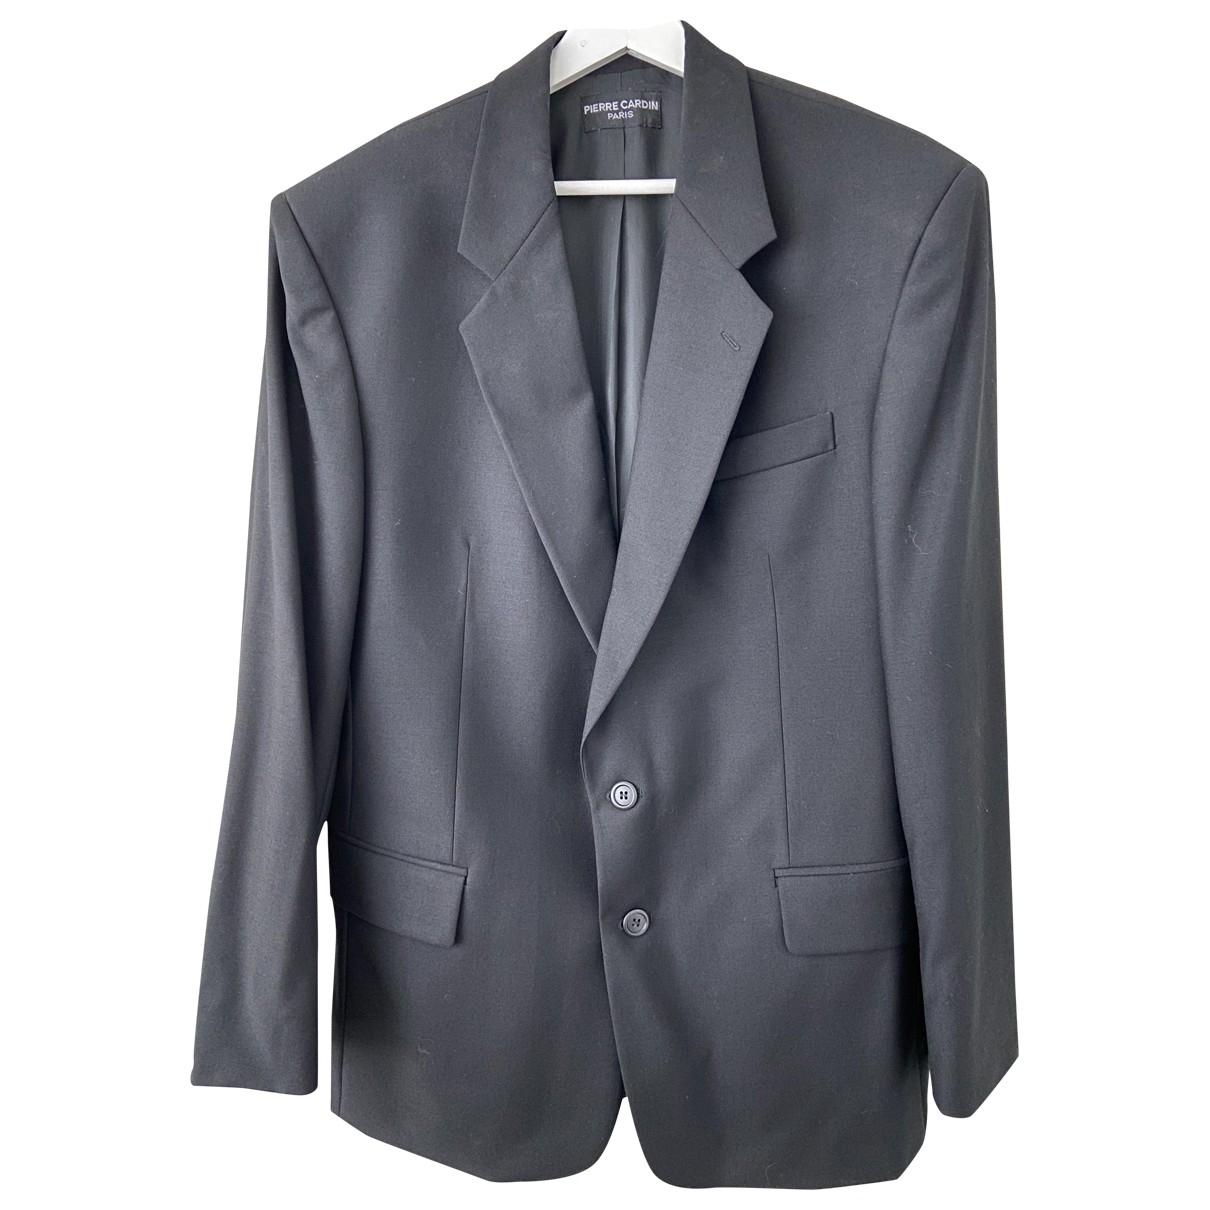 Pierre Cardin - Vestes.Blousons   pour homme en laine - noir